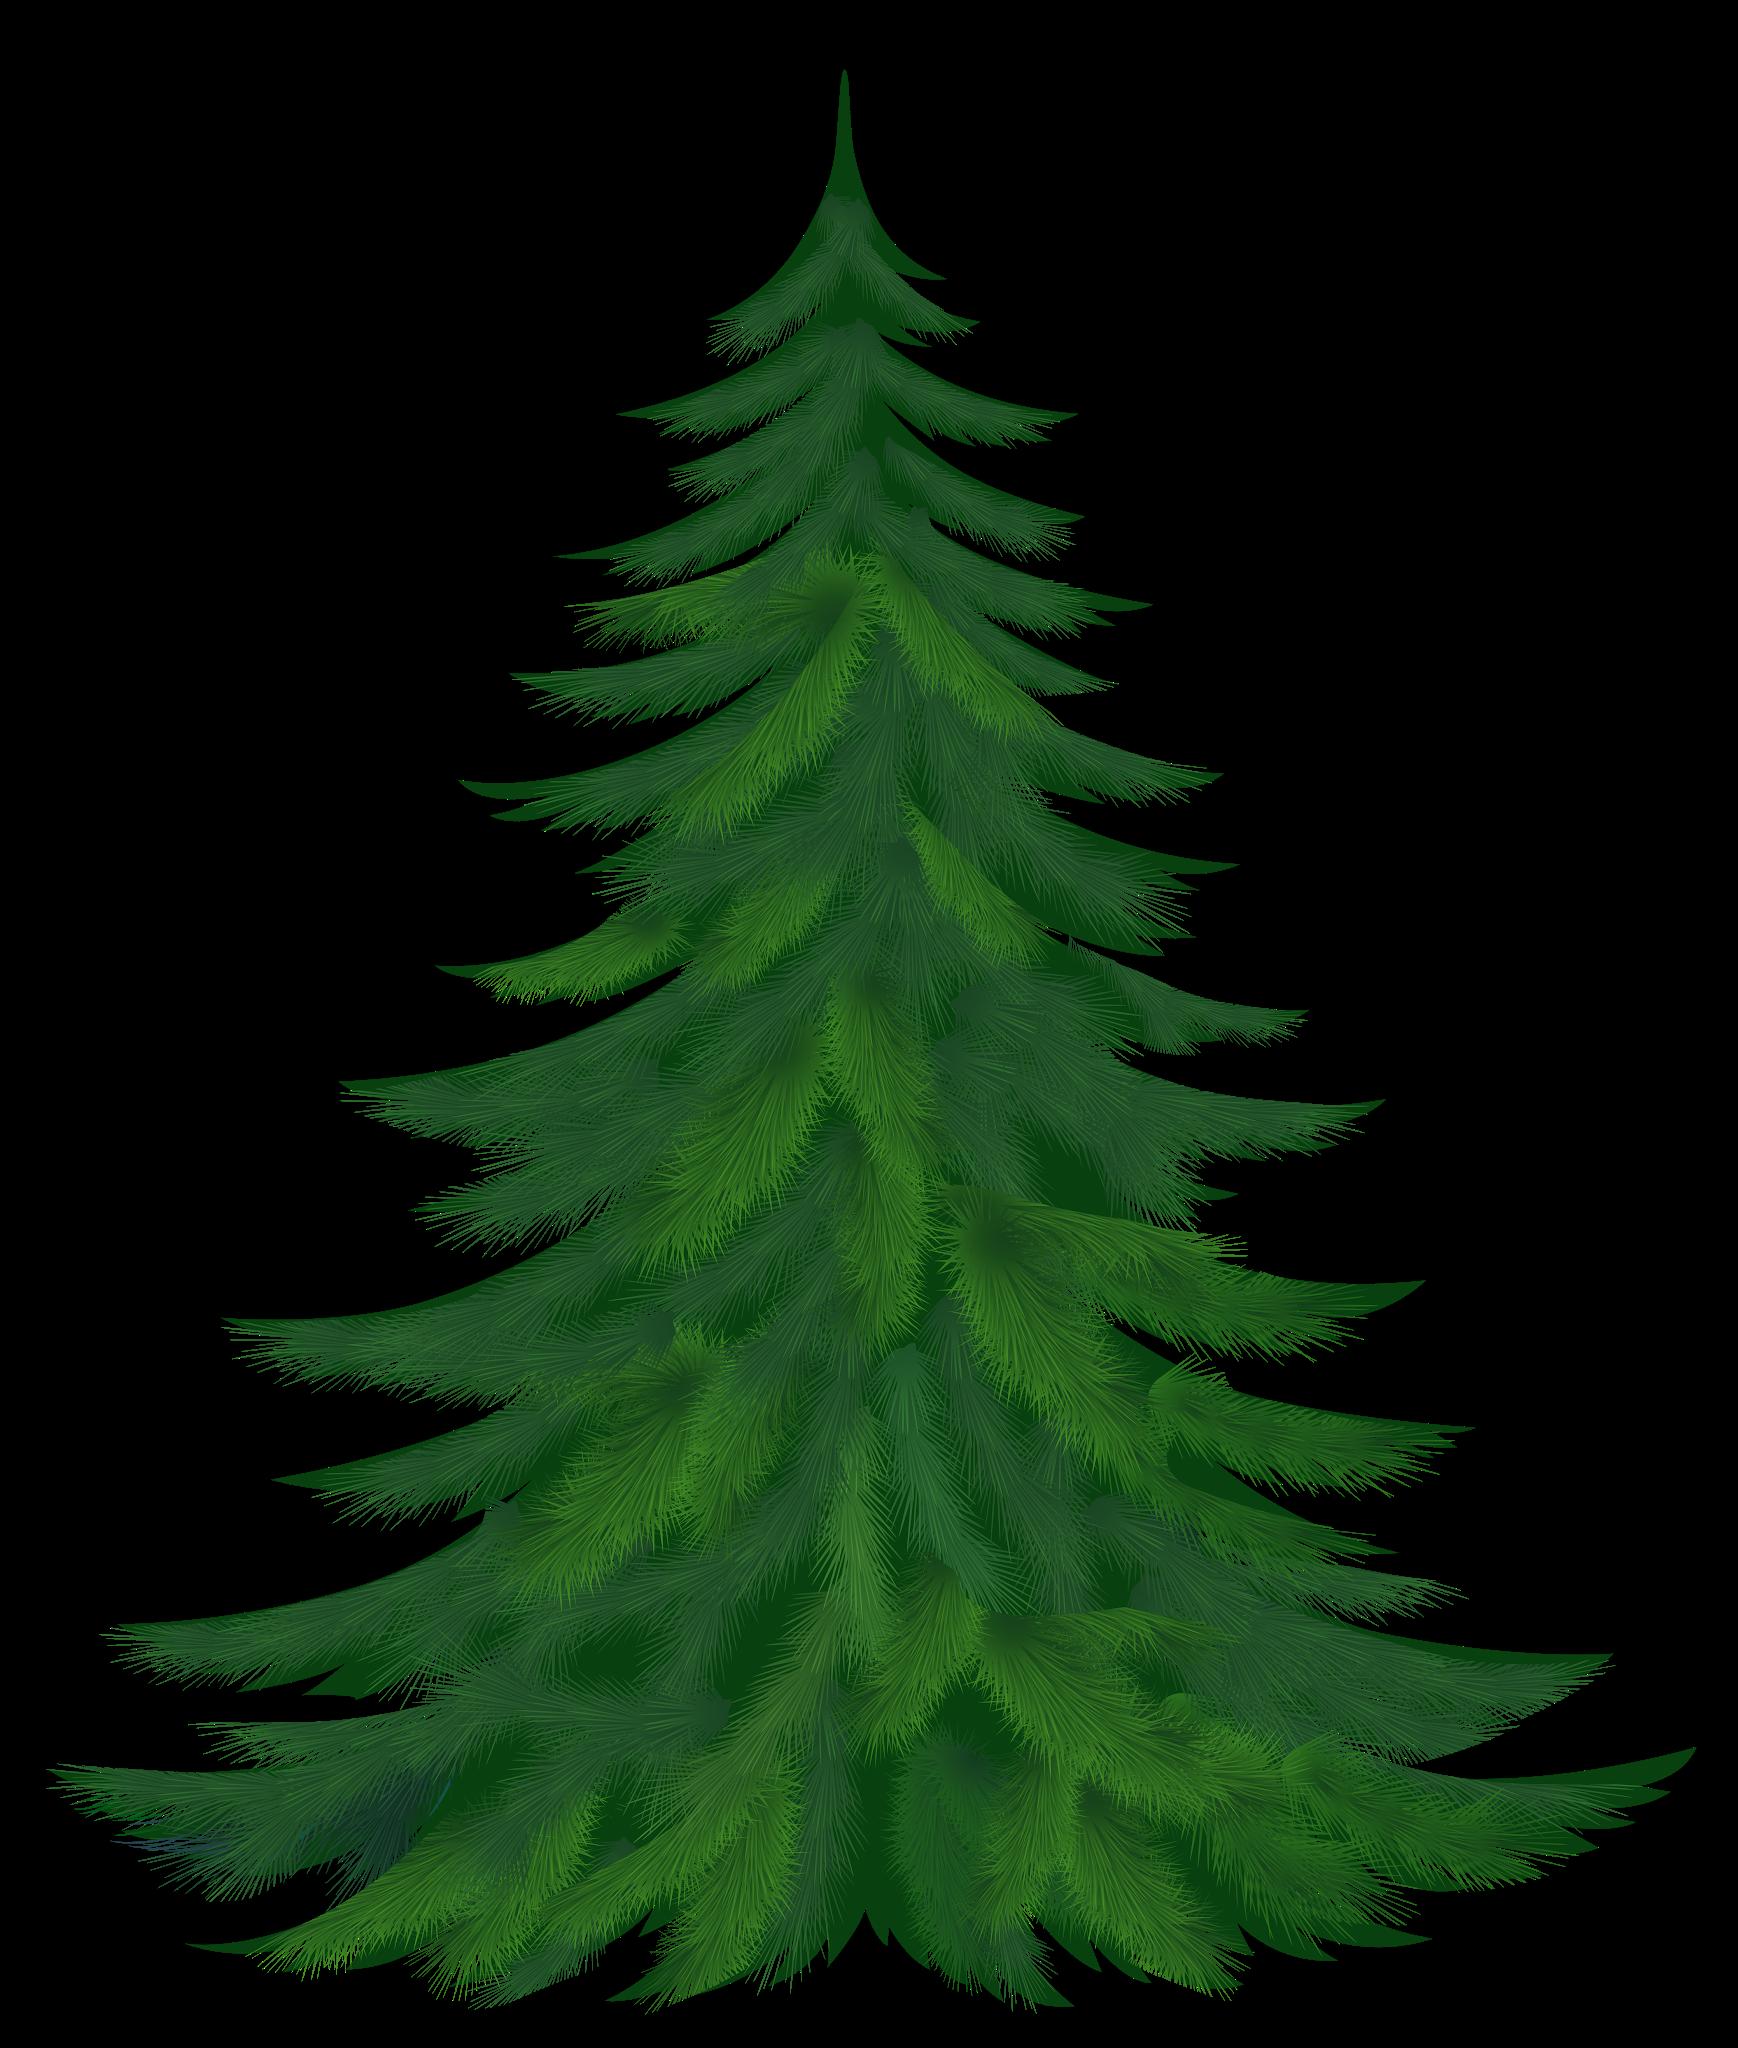 Real Christmas Tree Png Christmas Png Image Clipart Illustrated Christmas Tree Tree Clipart Christmas Tree